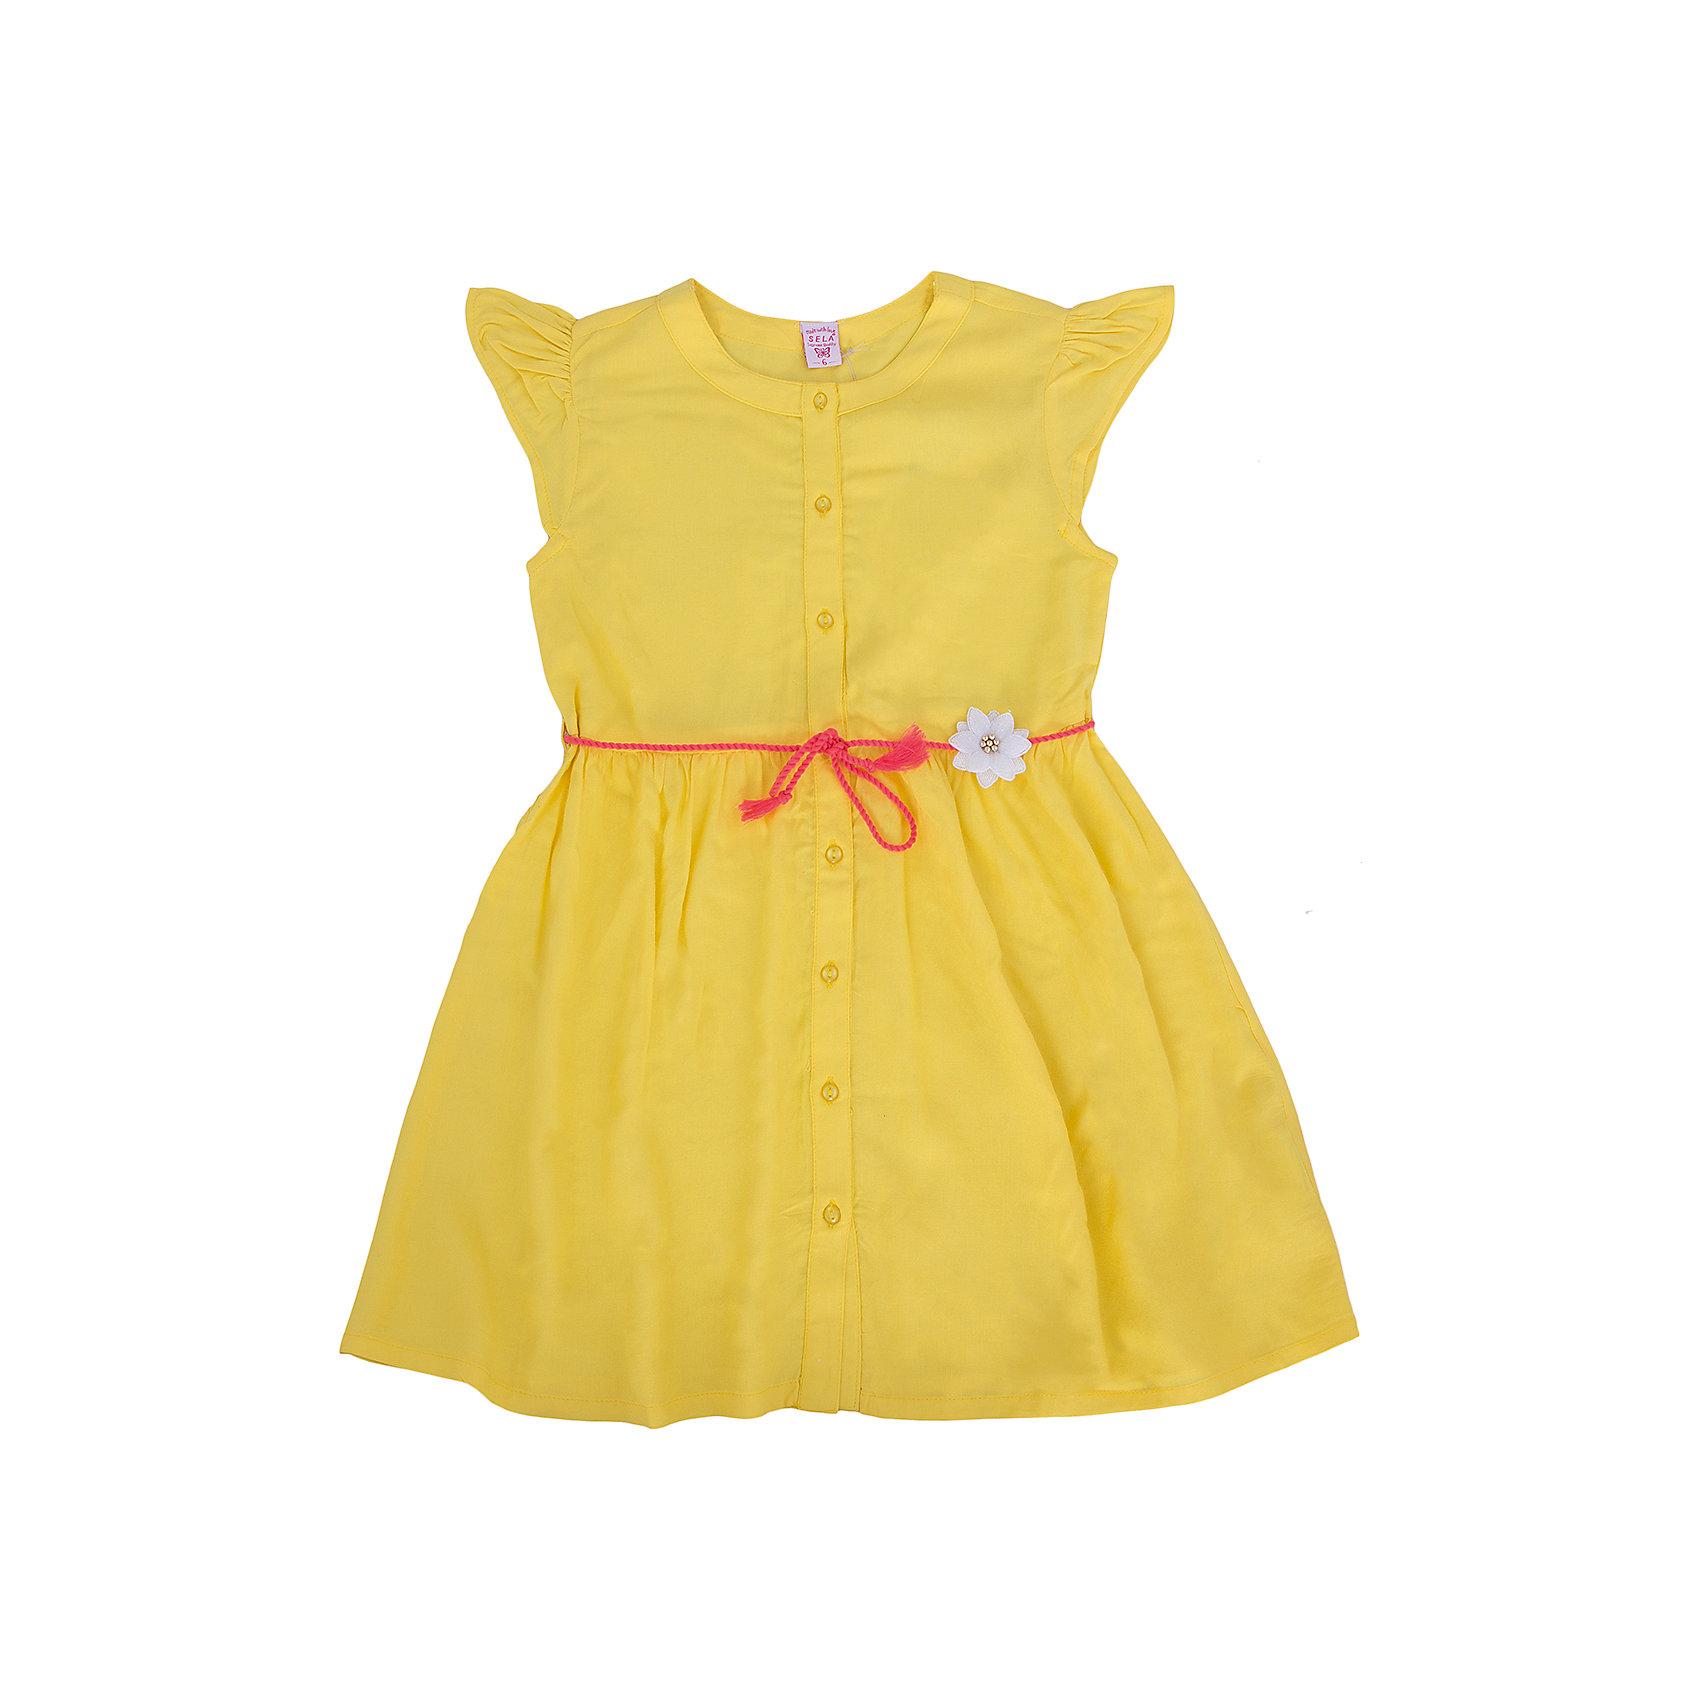 Платье для девочки SELAПлатья и сарафаны<br>Очаровательное платьице для девочки от популярного бренда SELA. Изделие выполнено из тонкого летящего материала, мягкого и очень приятного к телу, и обладает следующими особенностями:<br>- ярко-желтый цвет;<br>- контрастный пояс-шнурок с милейшим цветком;<br>- легкие рукава-крылышки;<br>- округлый вырез горловины;<br>- А-силуэт;<br>- пуговки впереди по всей длине;<br>- комфортный крой, обеспечивающий свободу движения.<br>Прекрасный выбор для летних дней!<br><br>Дополнительная информация:<br>- состав: 100% вискоза<br>- цвет: желтый<br><br>Платье для девочки SELA (СЕЛА) можно купить в нашем магазине<br><br>Ширина мм: 236<br>Глубина мм: 16<br>Высота мм: 184<br>Вес г: 177<br>Цвет: желтый<br>Возраст от месяцев: 36<br>Возраст до месяцев: 48<br>Пол: Женский<br>Возраст: Детский<br>Размер: 104,116,92,98,110<br>SKU: 4741635